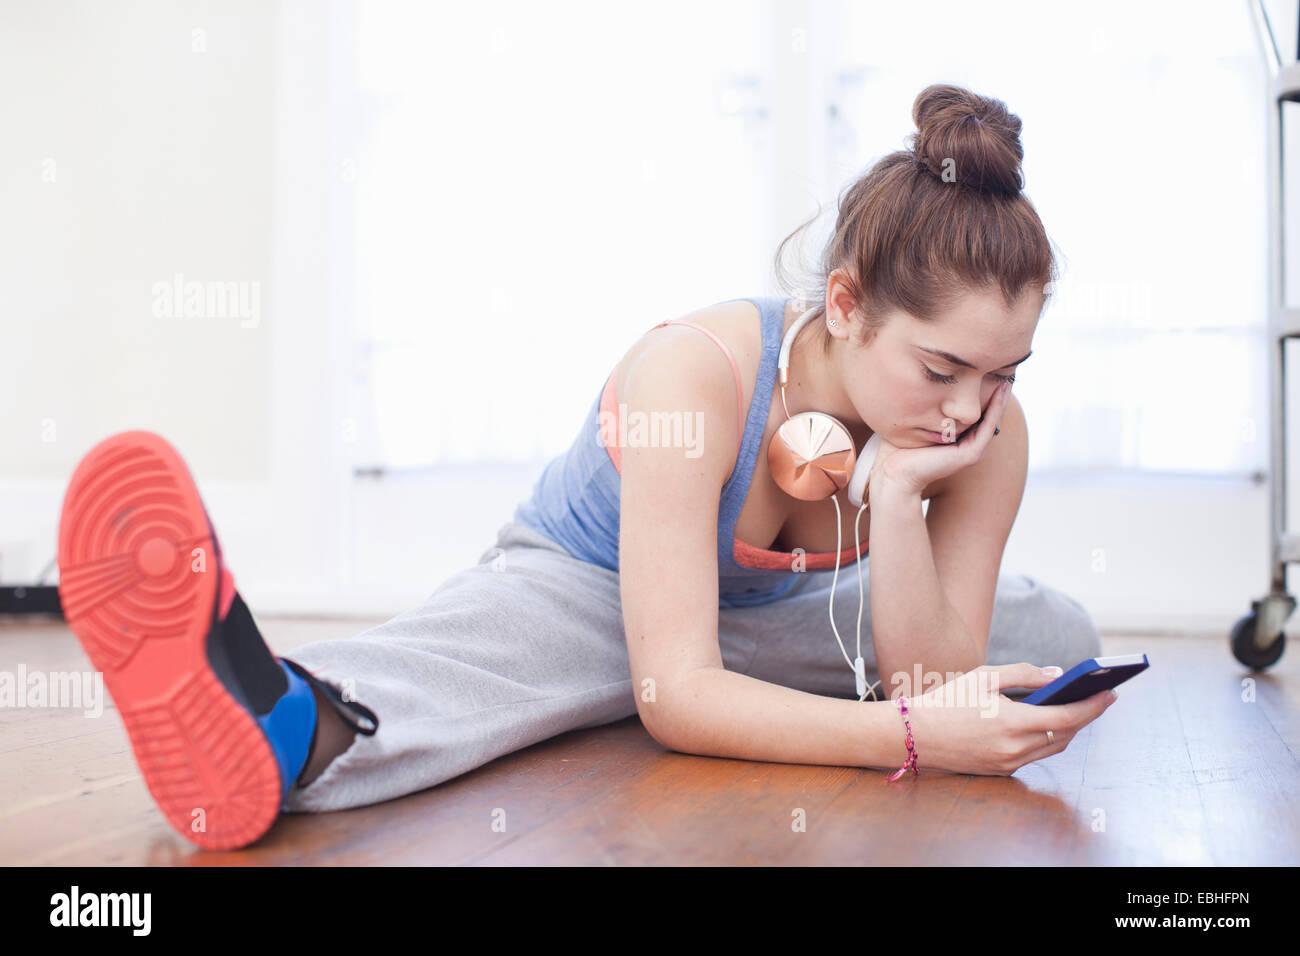 Teenager-Mädchen Aufwärmen und mit Blick auf Smartphone in Ballettschule Stockbild